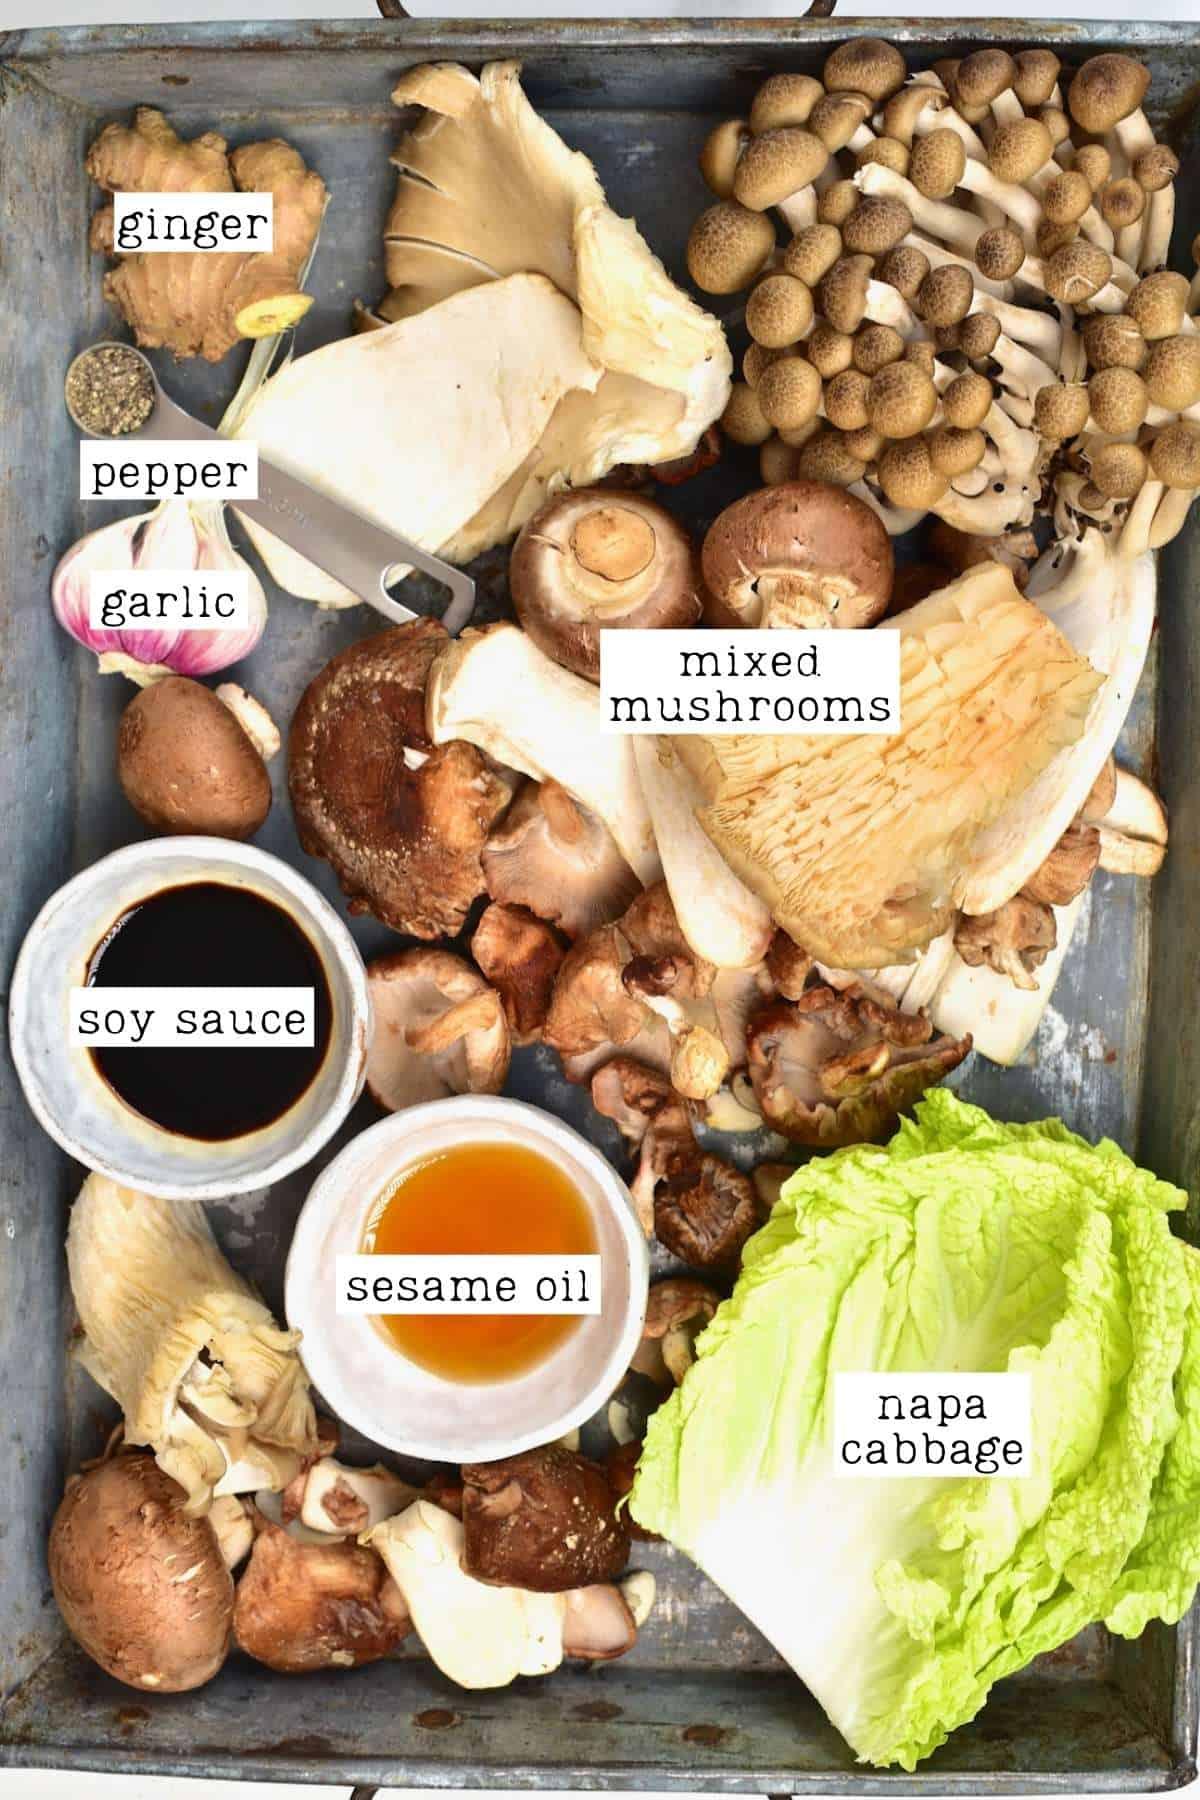 Ingredients for mushroom dumplings